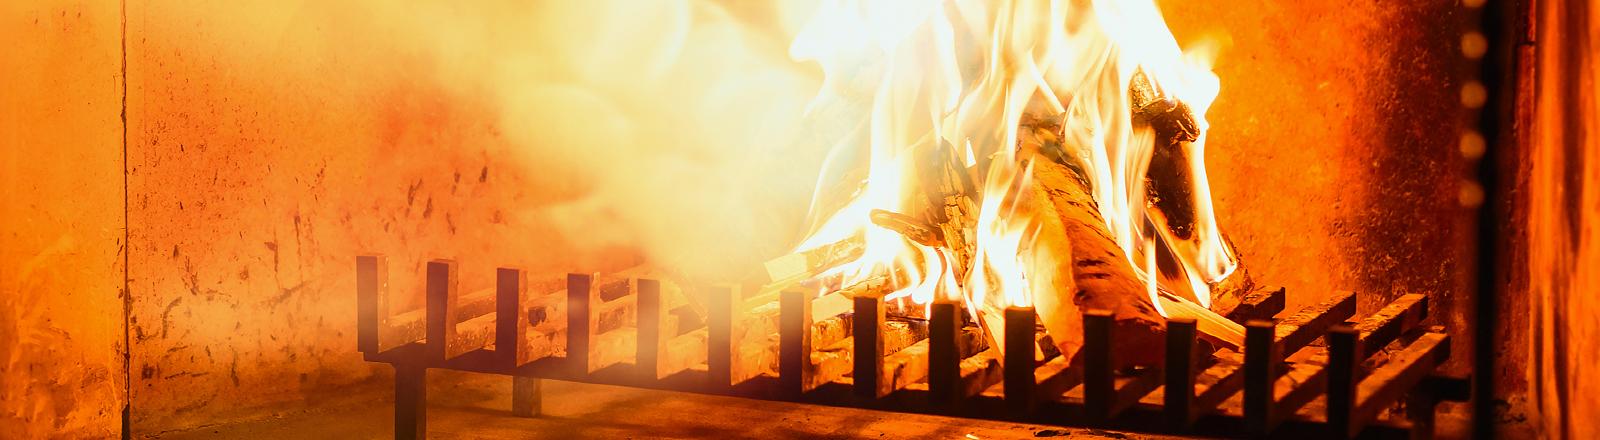 Ein Feuer im Kamin.